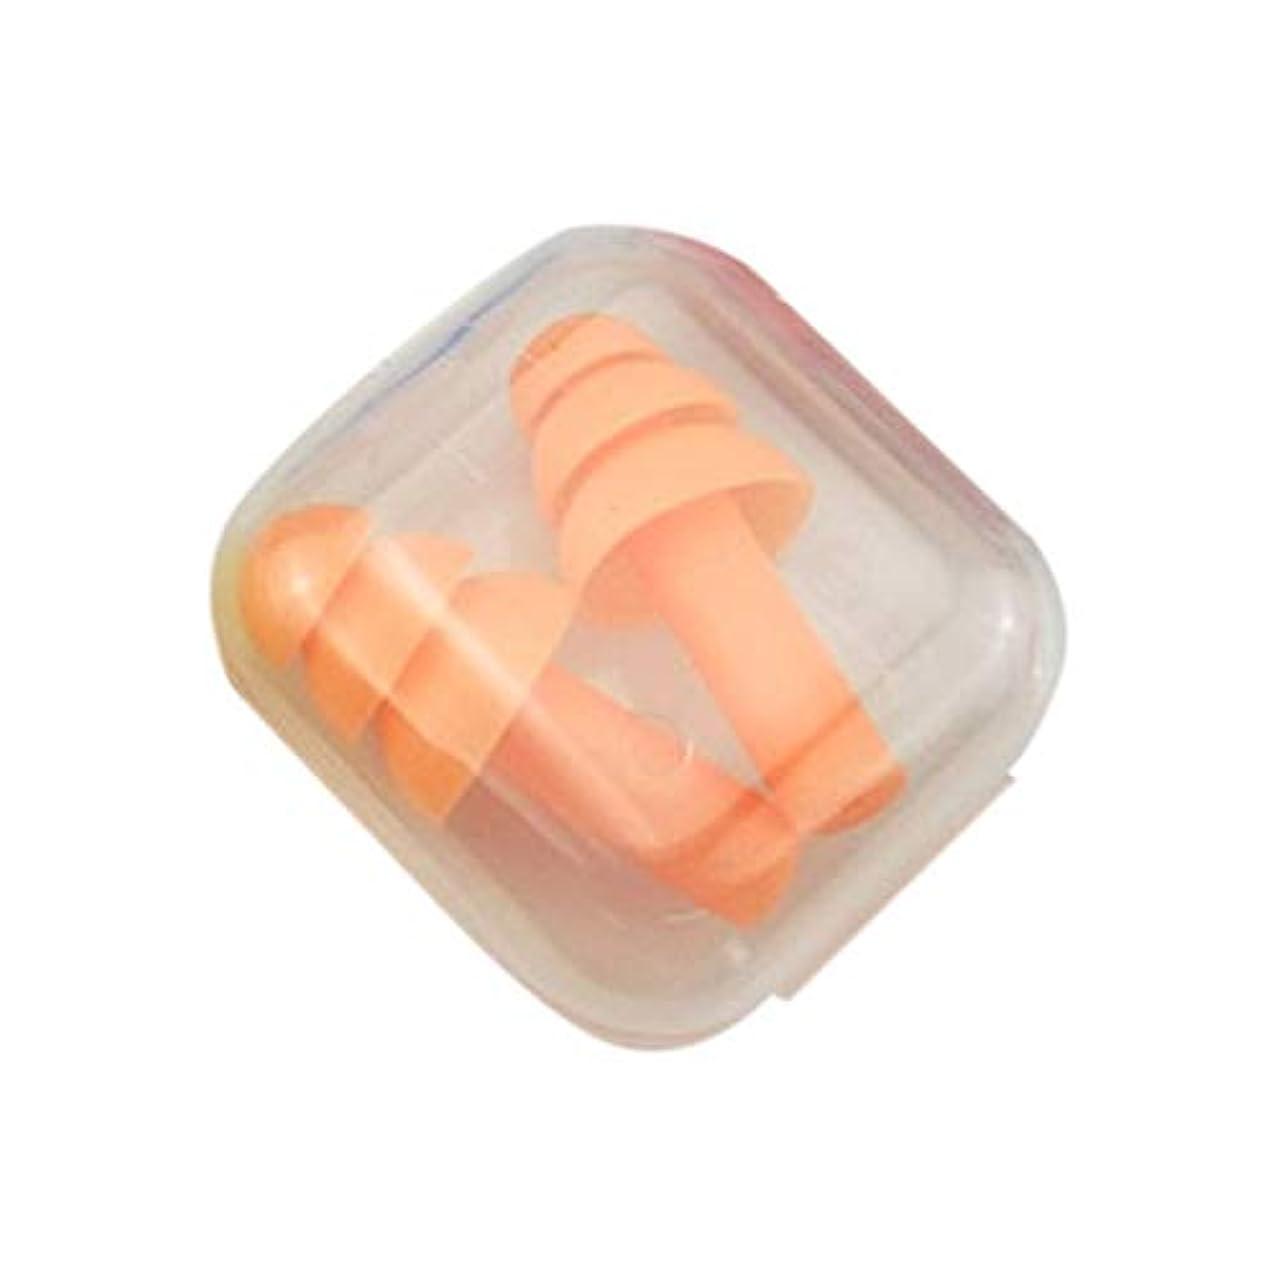 チケット容器気がついてソフトシリコン耳栓遮音防音耳栓収納ボックス付き